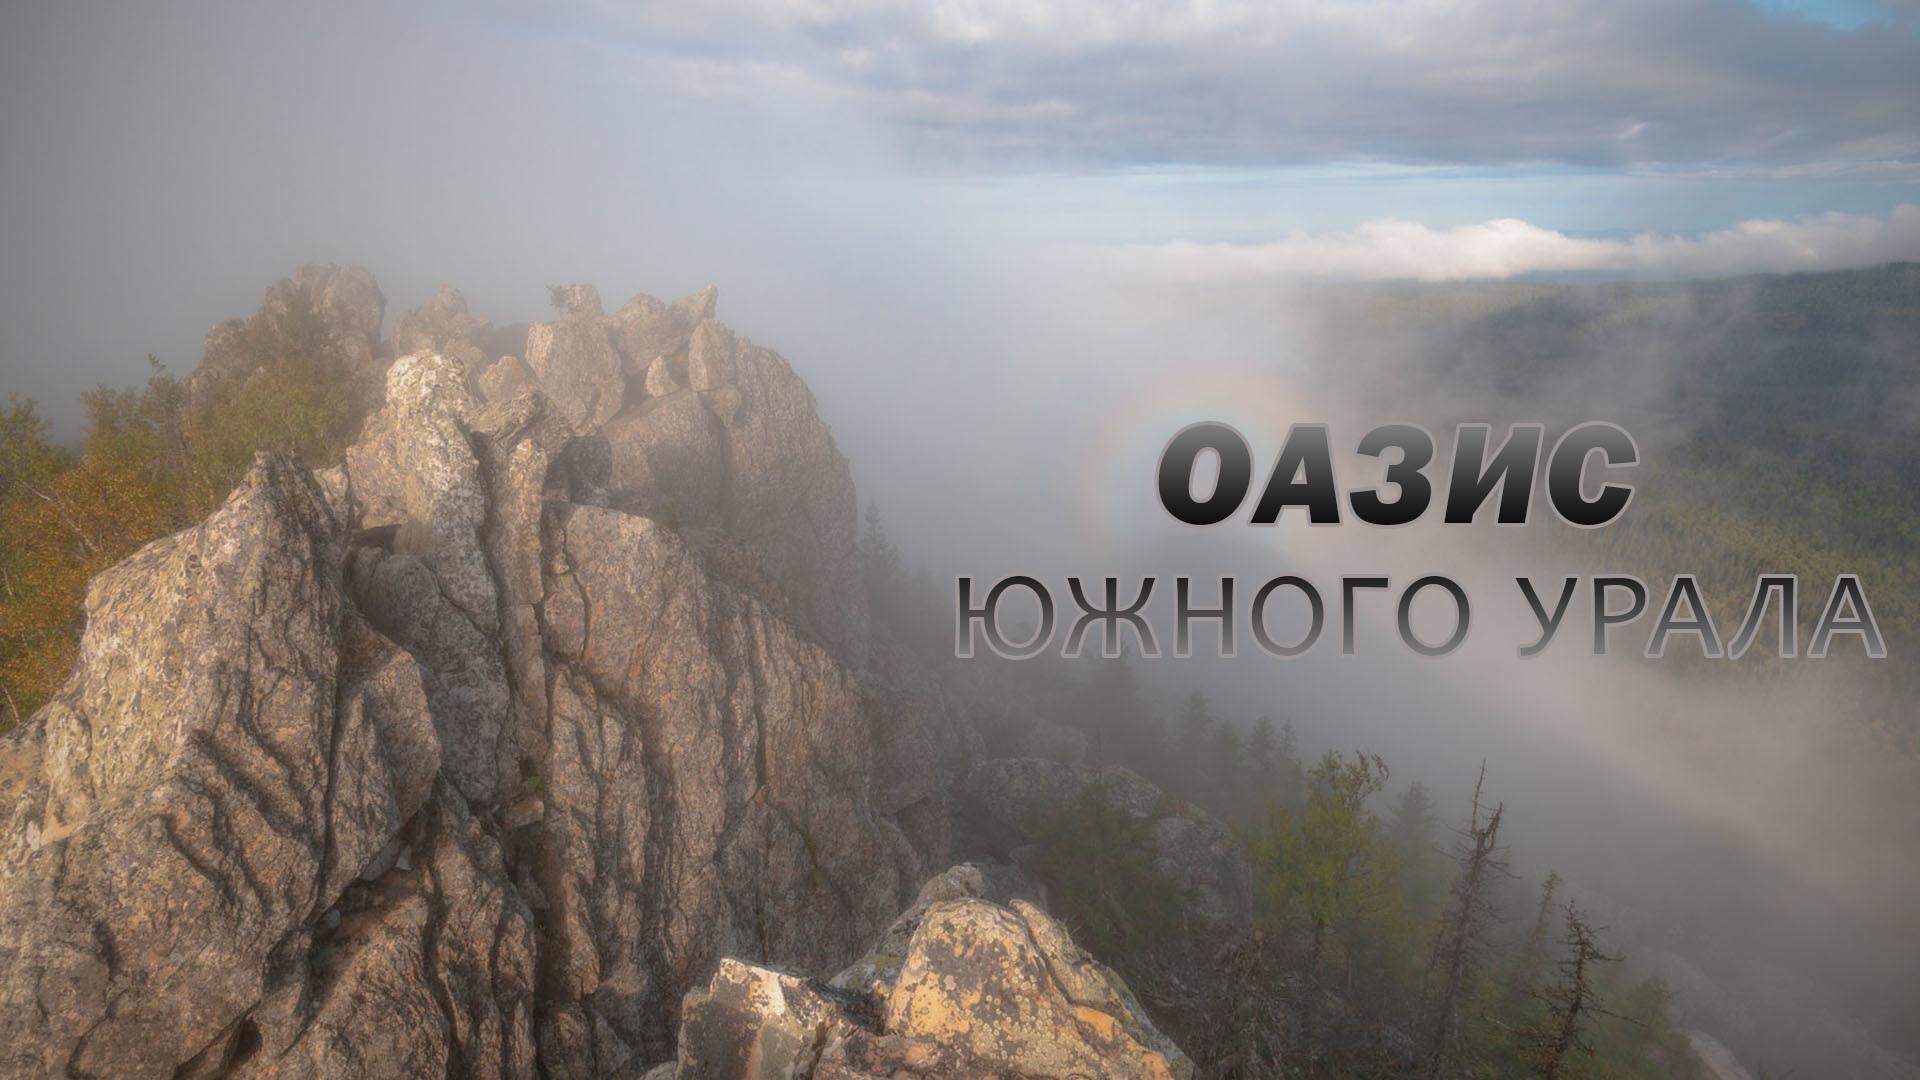 Оазис Южного Урала